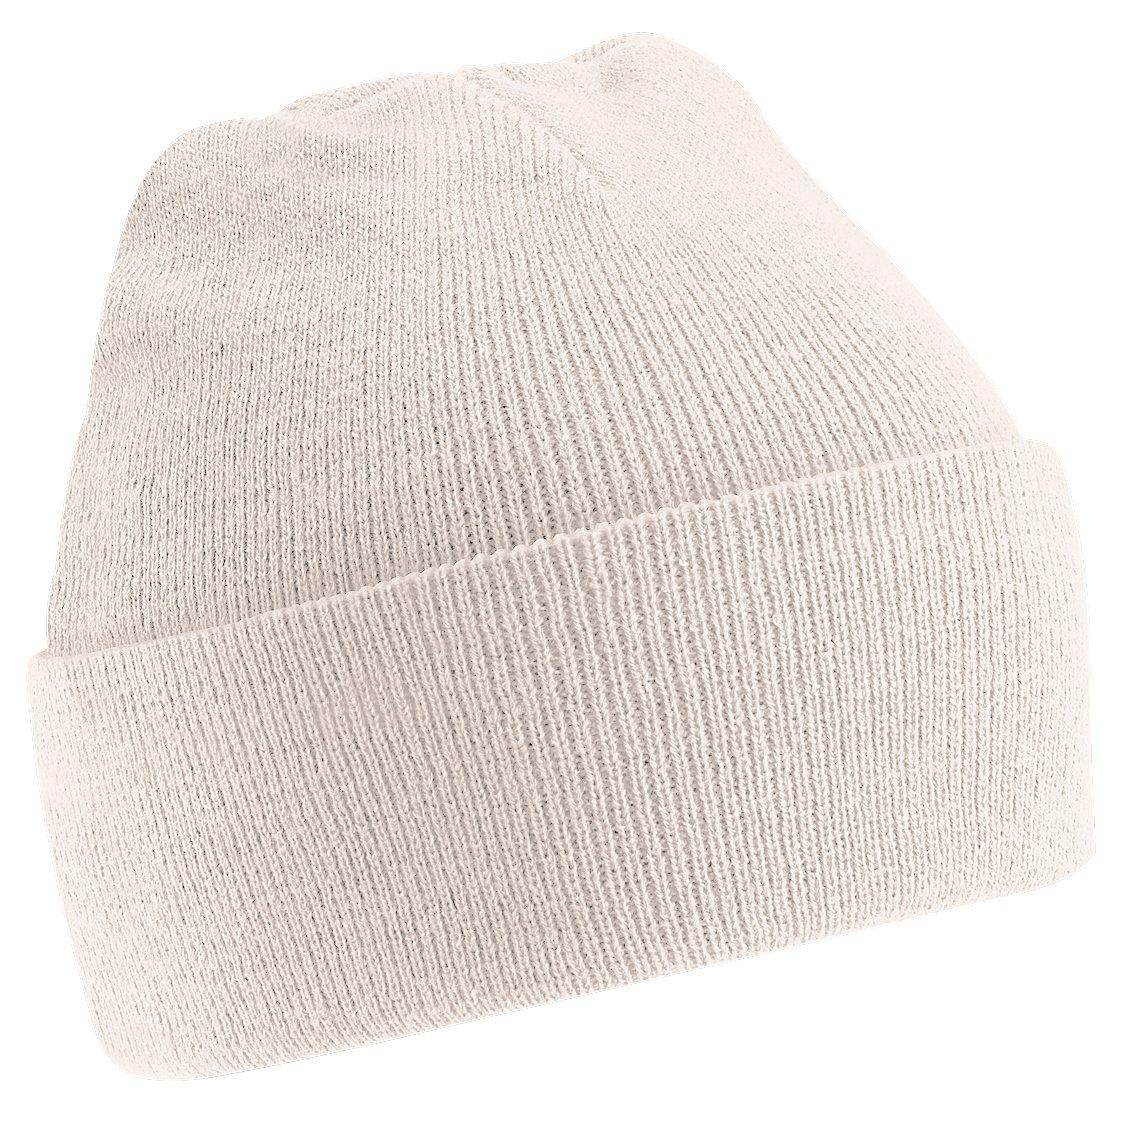 Beechfield Soft Feel Knitted Winter Hat UTRW210_25